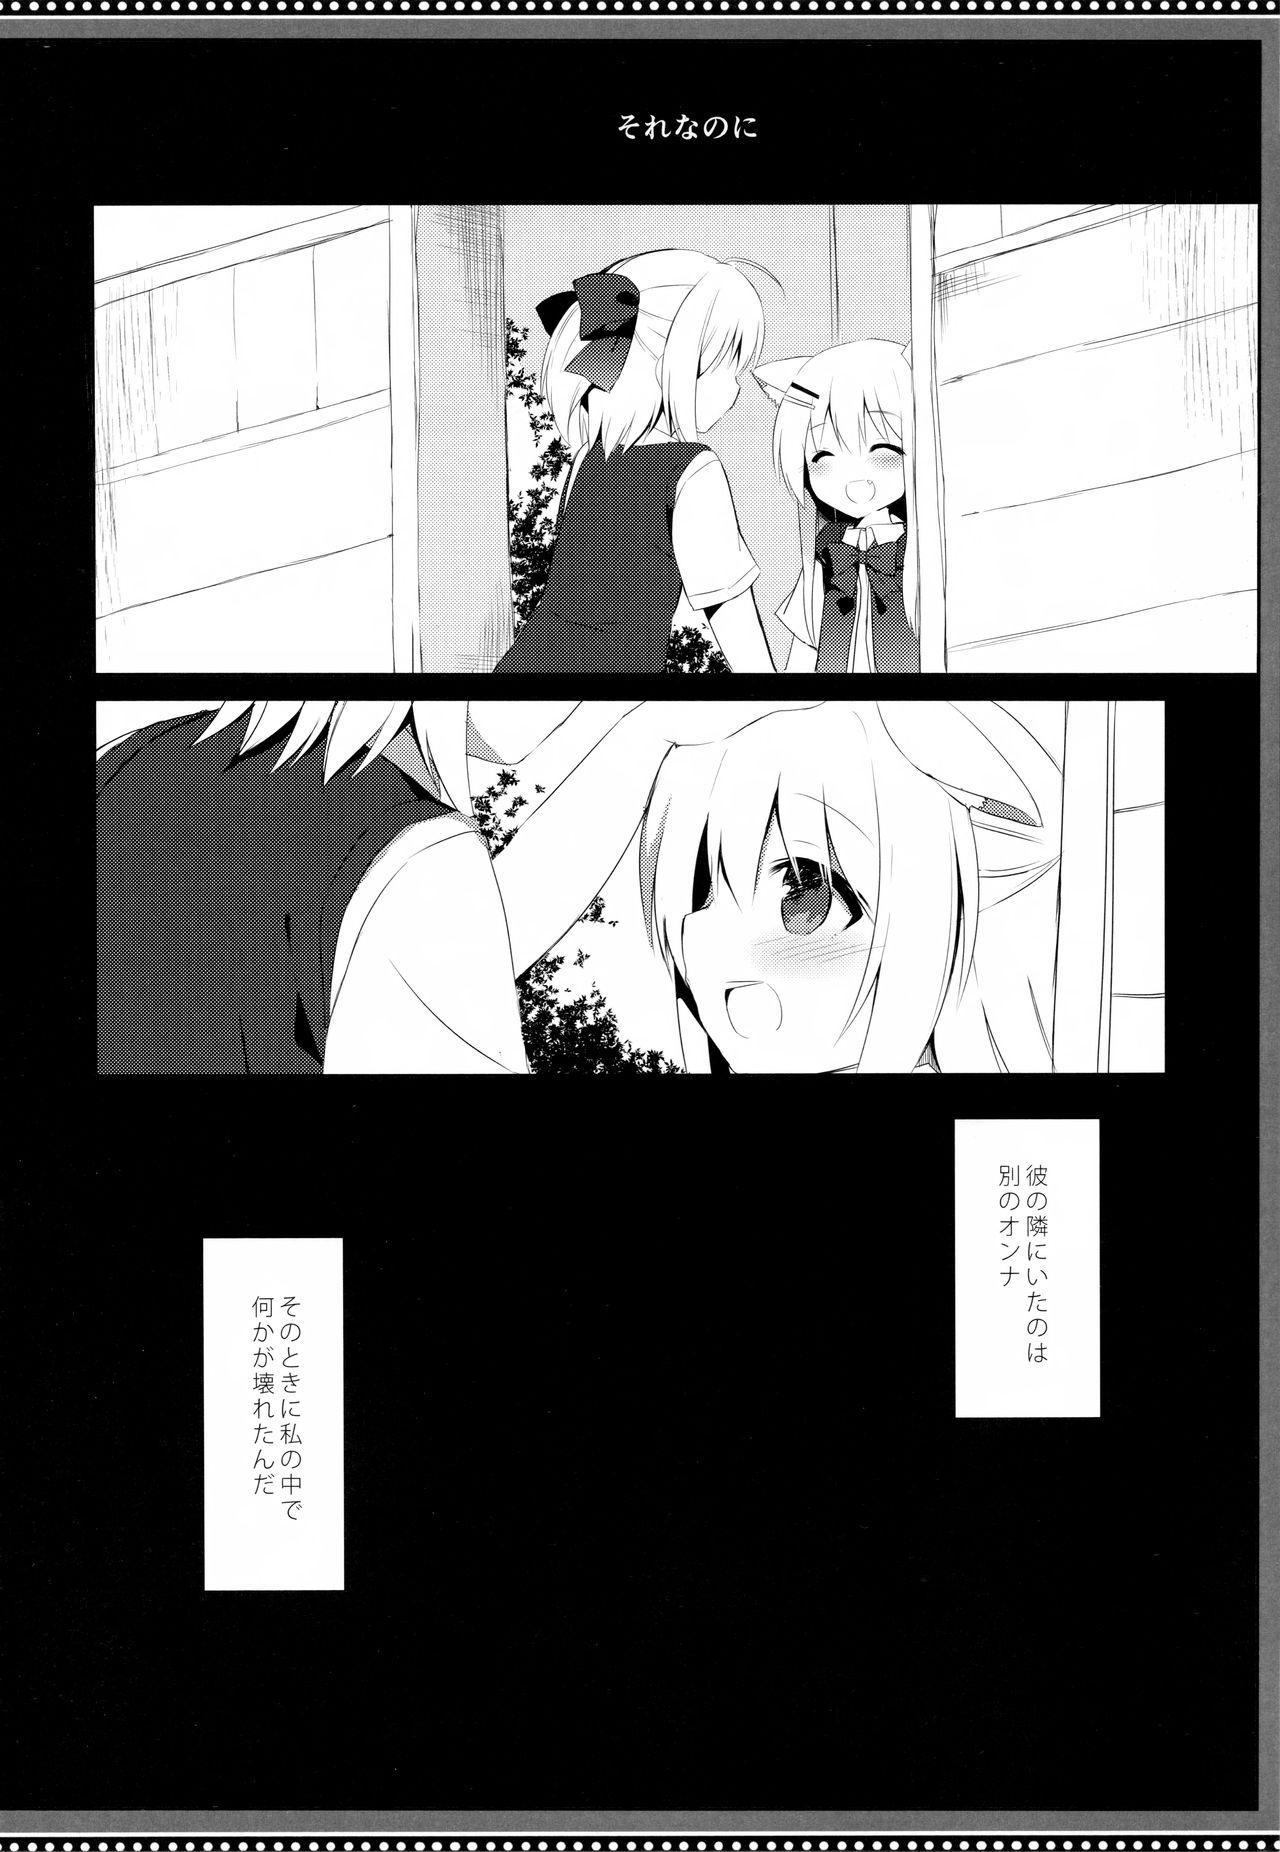 Osananajimi to Otokonoko no Himitsu no Shujuu Kankei 2